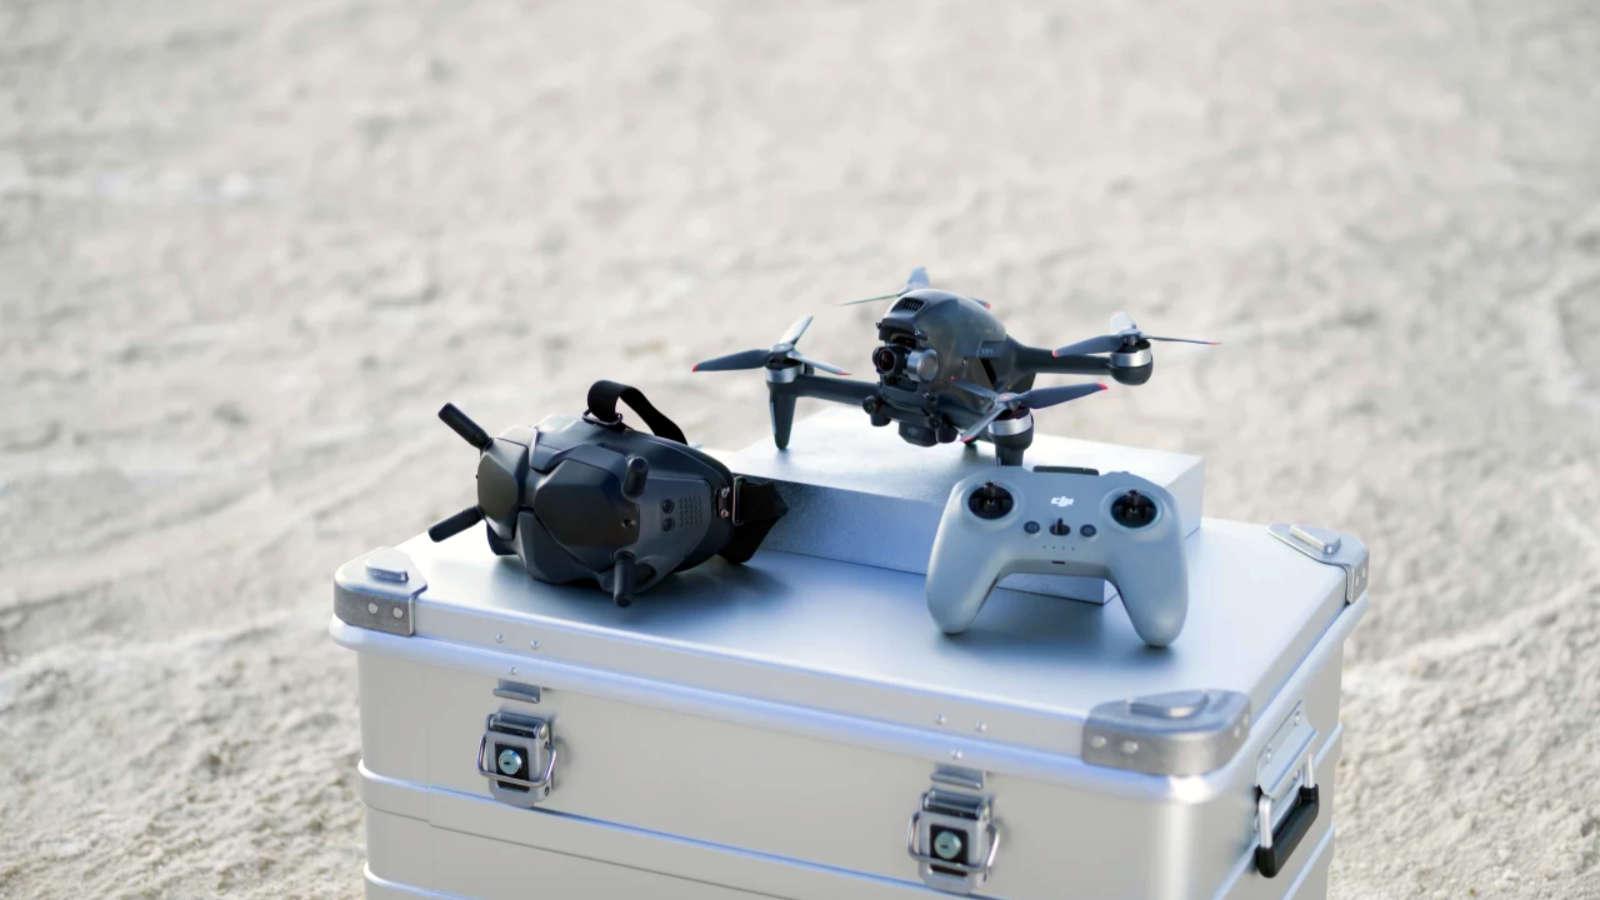 dji fpv drone on case